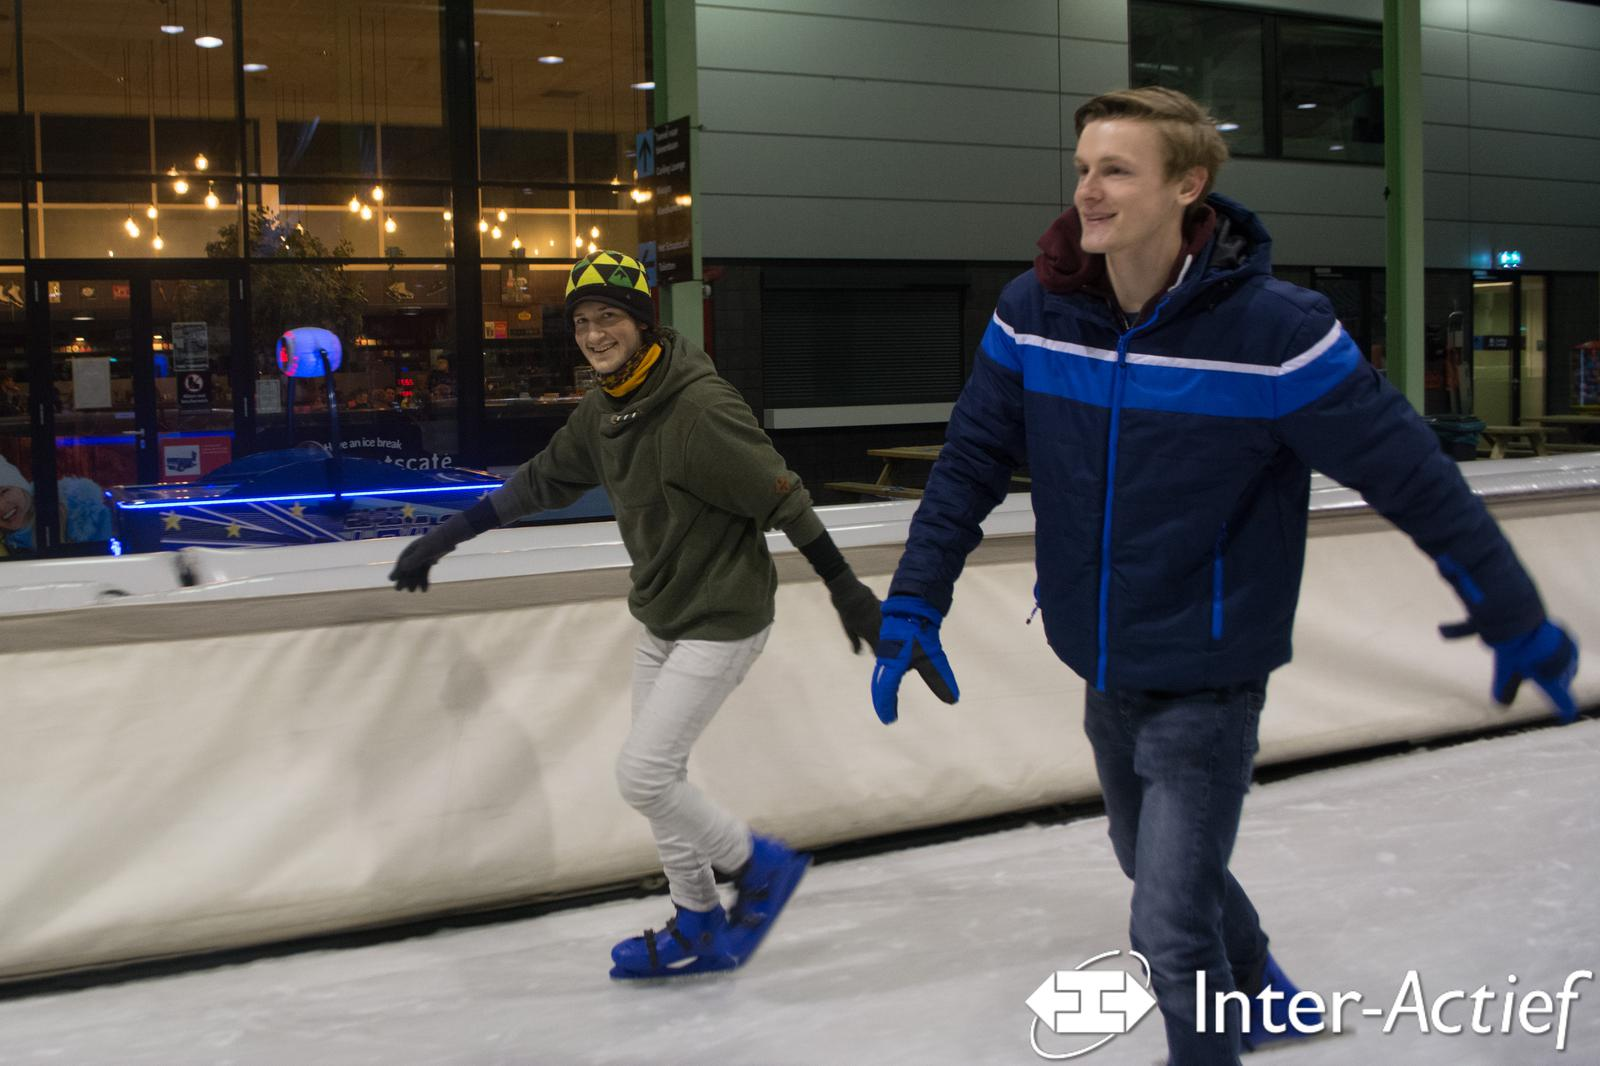 IceSkating20200116_NielsdeGroot-23.jpg